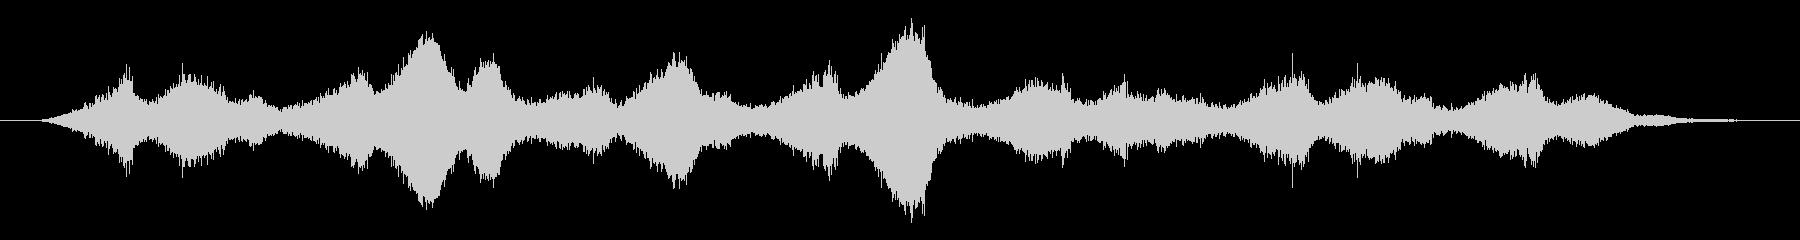 超常的な伝達、金属共鳴のヒントを伴...の未再生の波形